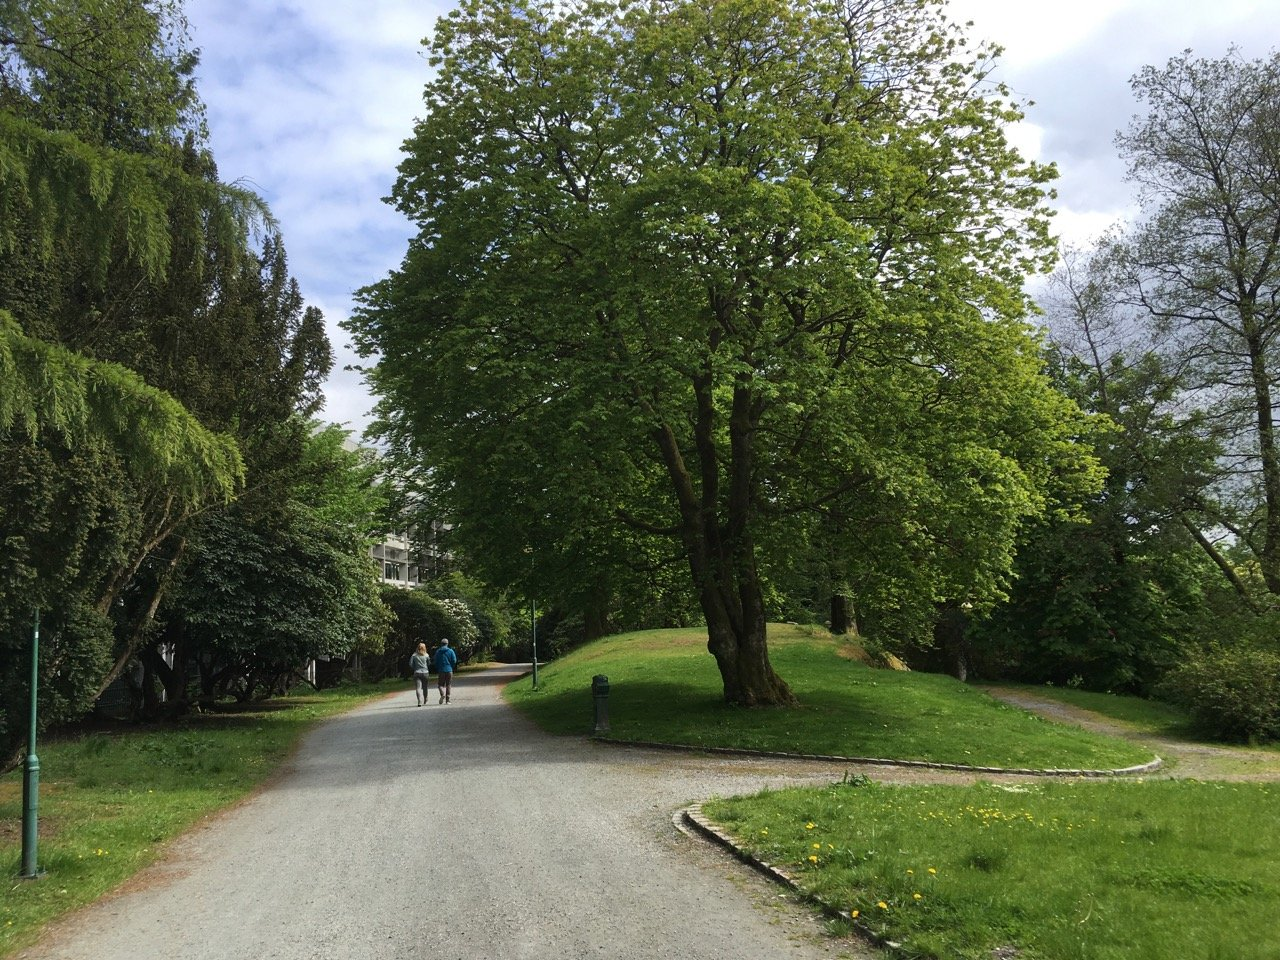 Nygårdsparken park, Møhlenpris. Photo